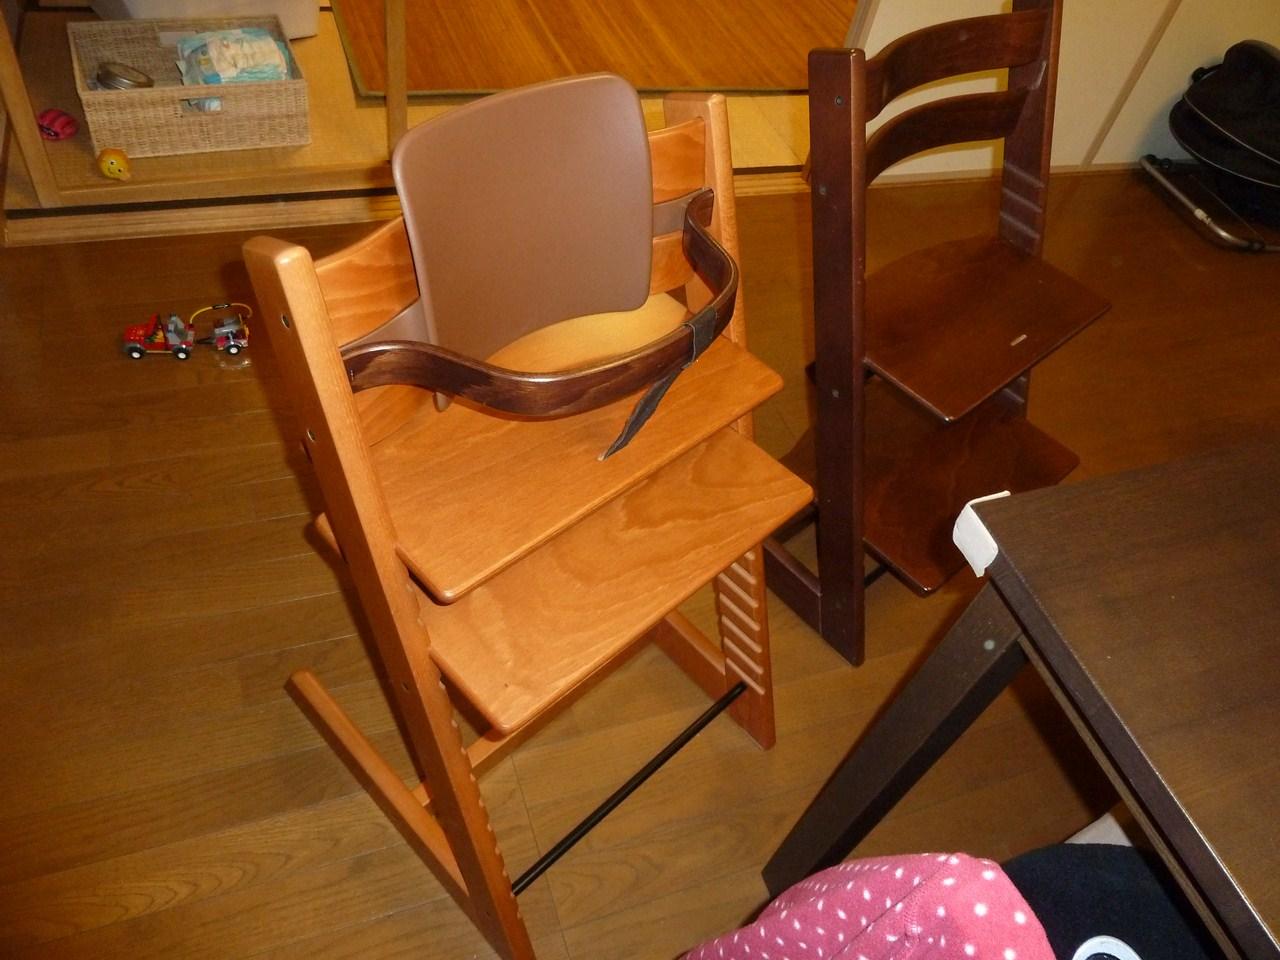 http://www.shintoko.jp/engblog/archives/images/2012/03/120329_stokketripptrapp514.jpg